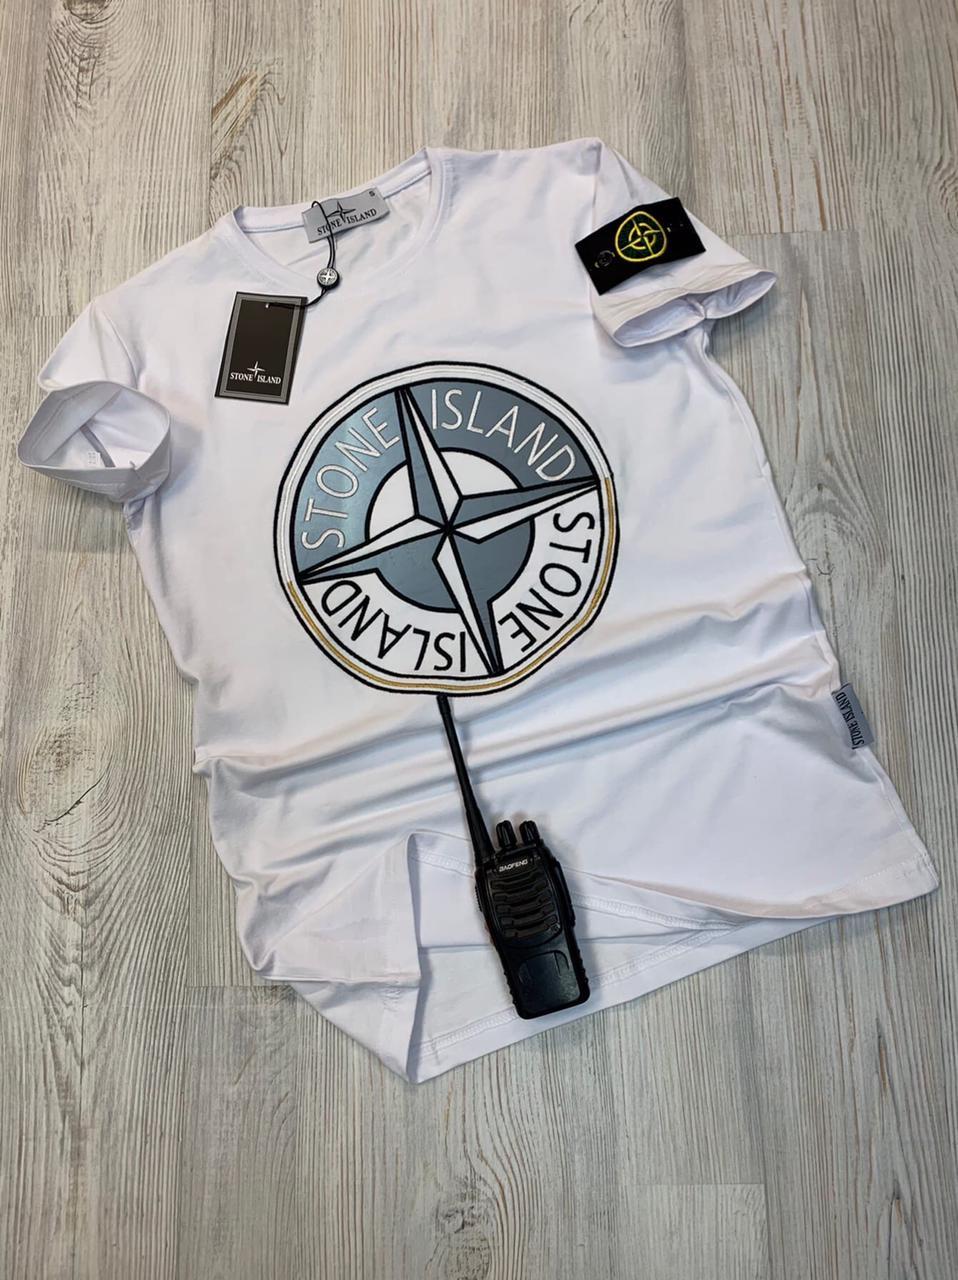 Белая футболка с патчем Стон айленд